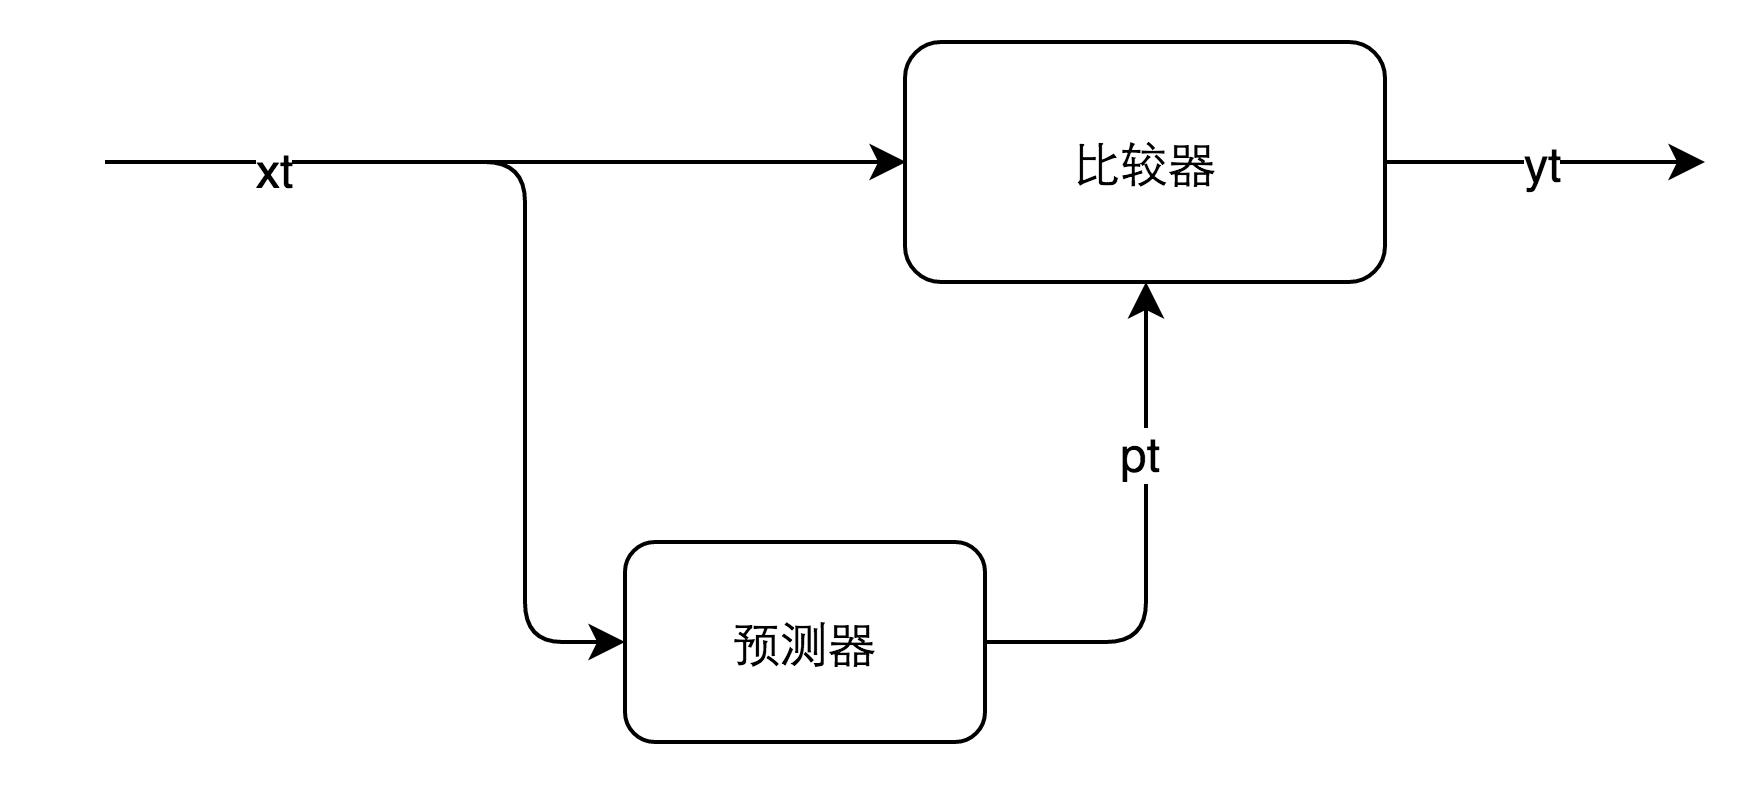 图2.1 异常检测模型